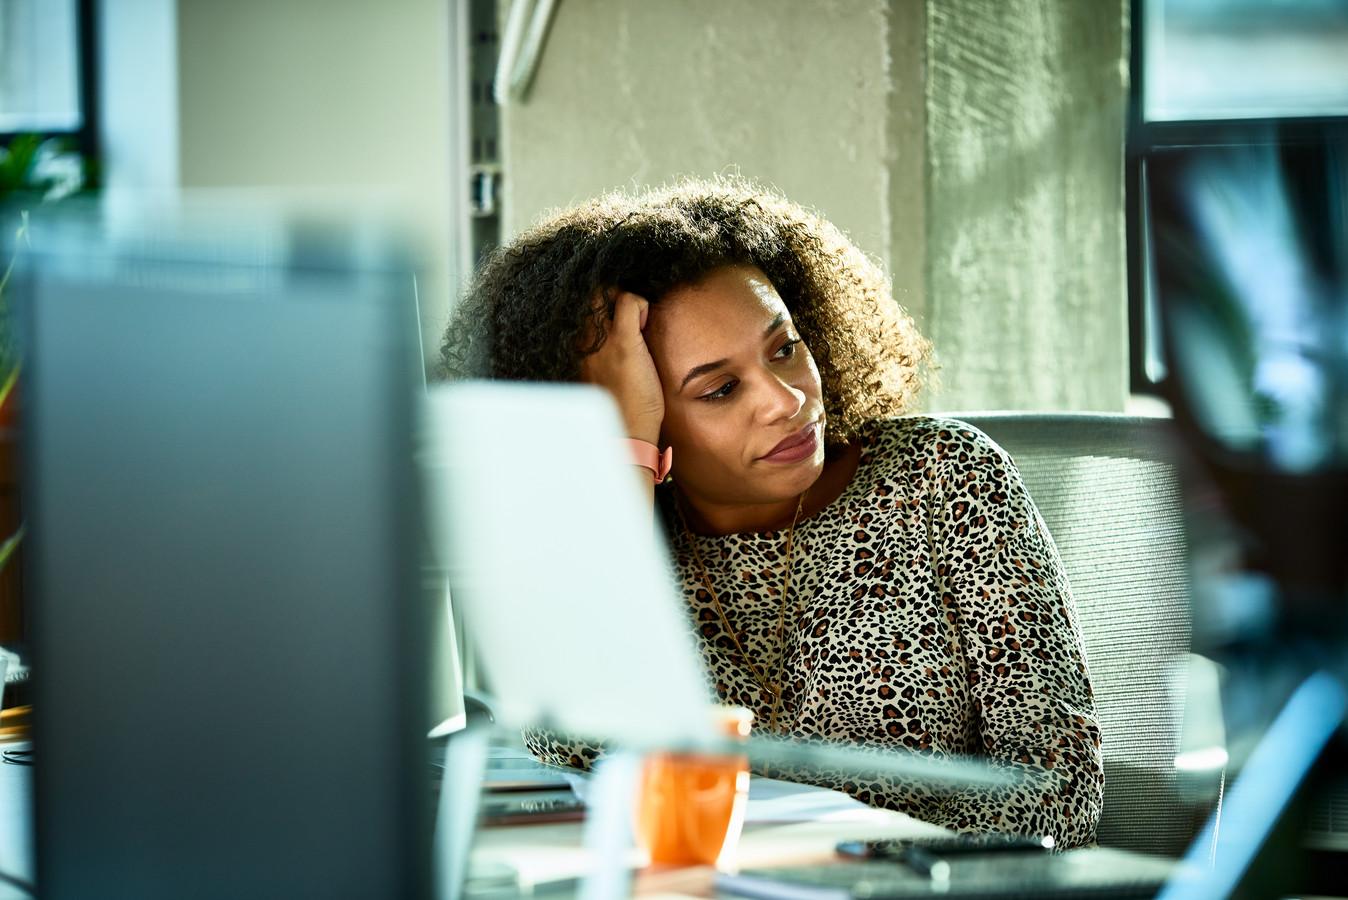 Het is voor de jongere generaties niet langer meer vanzelfsprekend dat voor het werk alles opzij moet, zegt psycholoog Thijs Launspach.